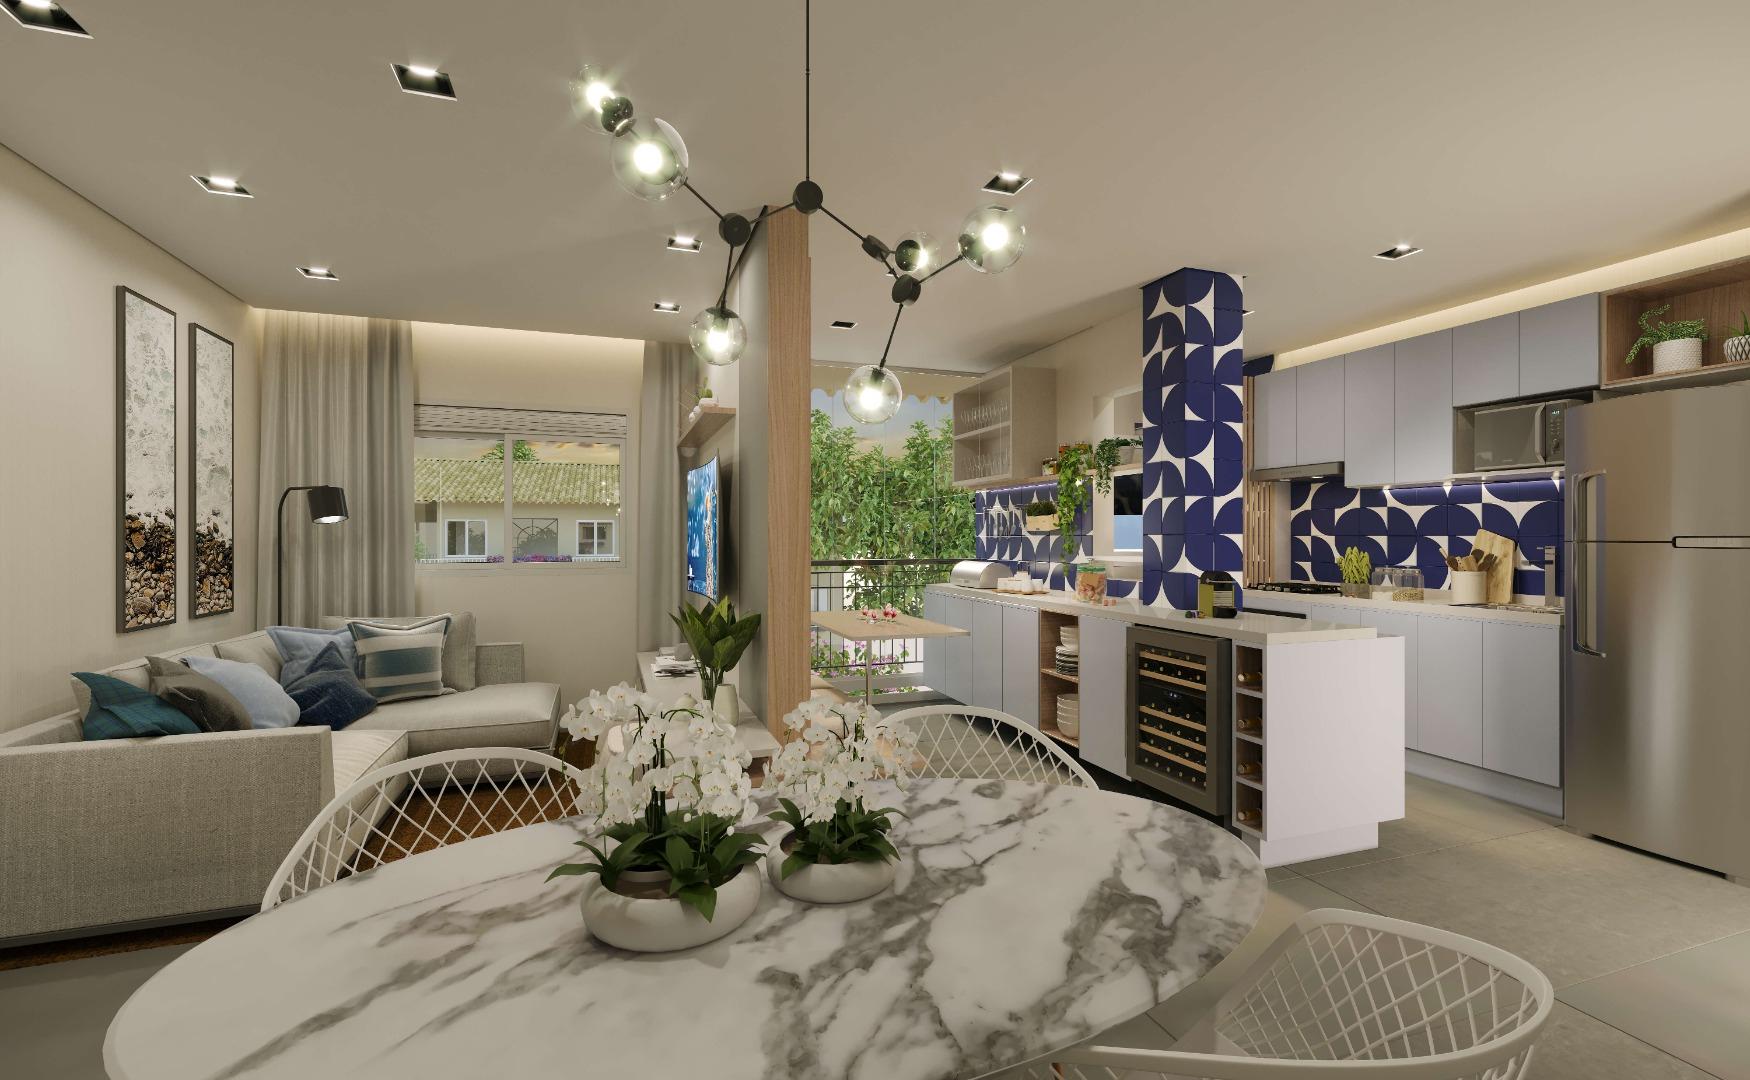 LIVING da unidade de 53 m² com sala de TV reservada e sala de jantar. Destaque para a copa, com espaço extra de armários e bancada, uma extensão da cozinha para você que gosta de preparar refeições em casa.